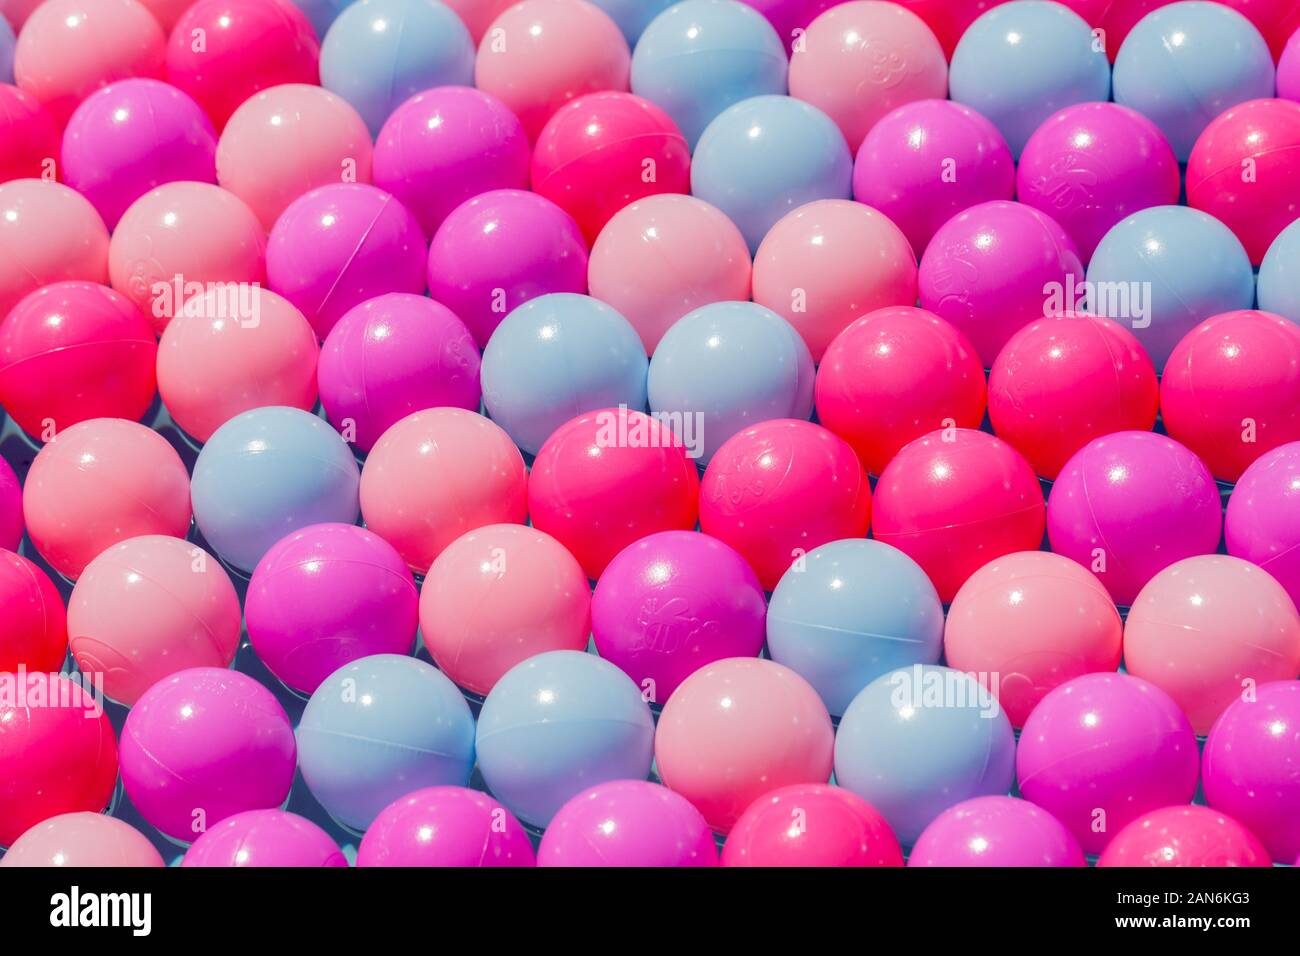 Kunststoffkugeln verschiedener Farben Reihen sich perfekt aufeinander. Konzept. Symbol für Einheit, Perfektion, Vielfalt, Alginment, anders sein. Stockfoto